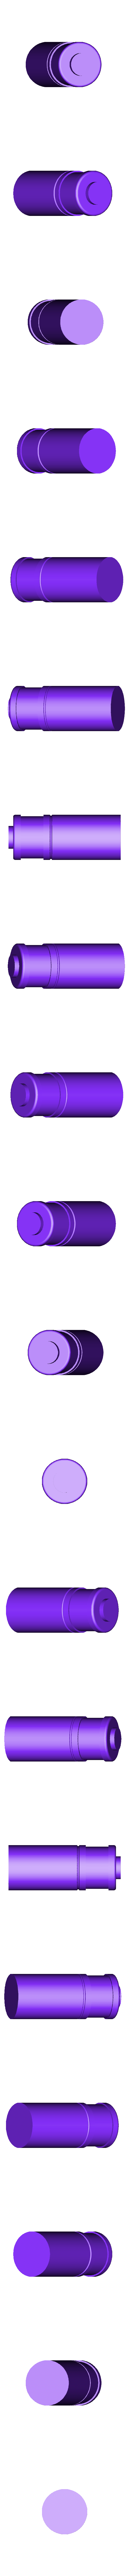 Shell_2.stl Télécharger fichier STL gratuit Borderlands Bandit Room Clener Shotgun • Modèle pour impression 3D, Dsk